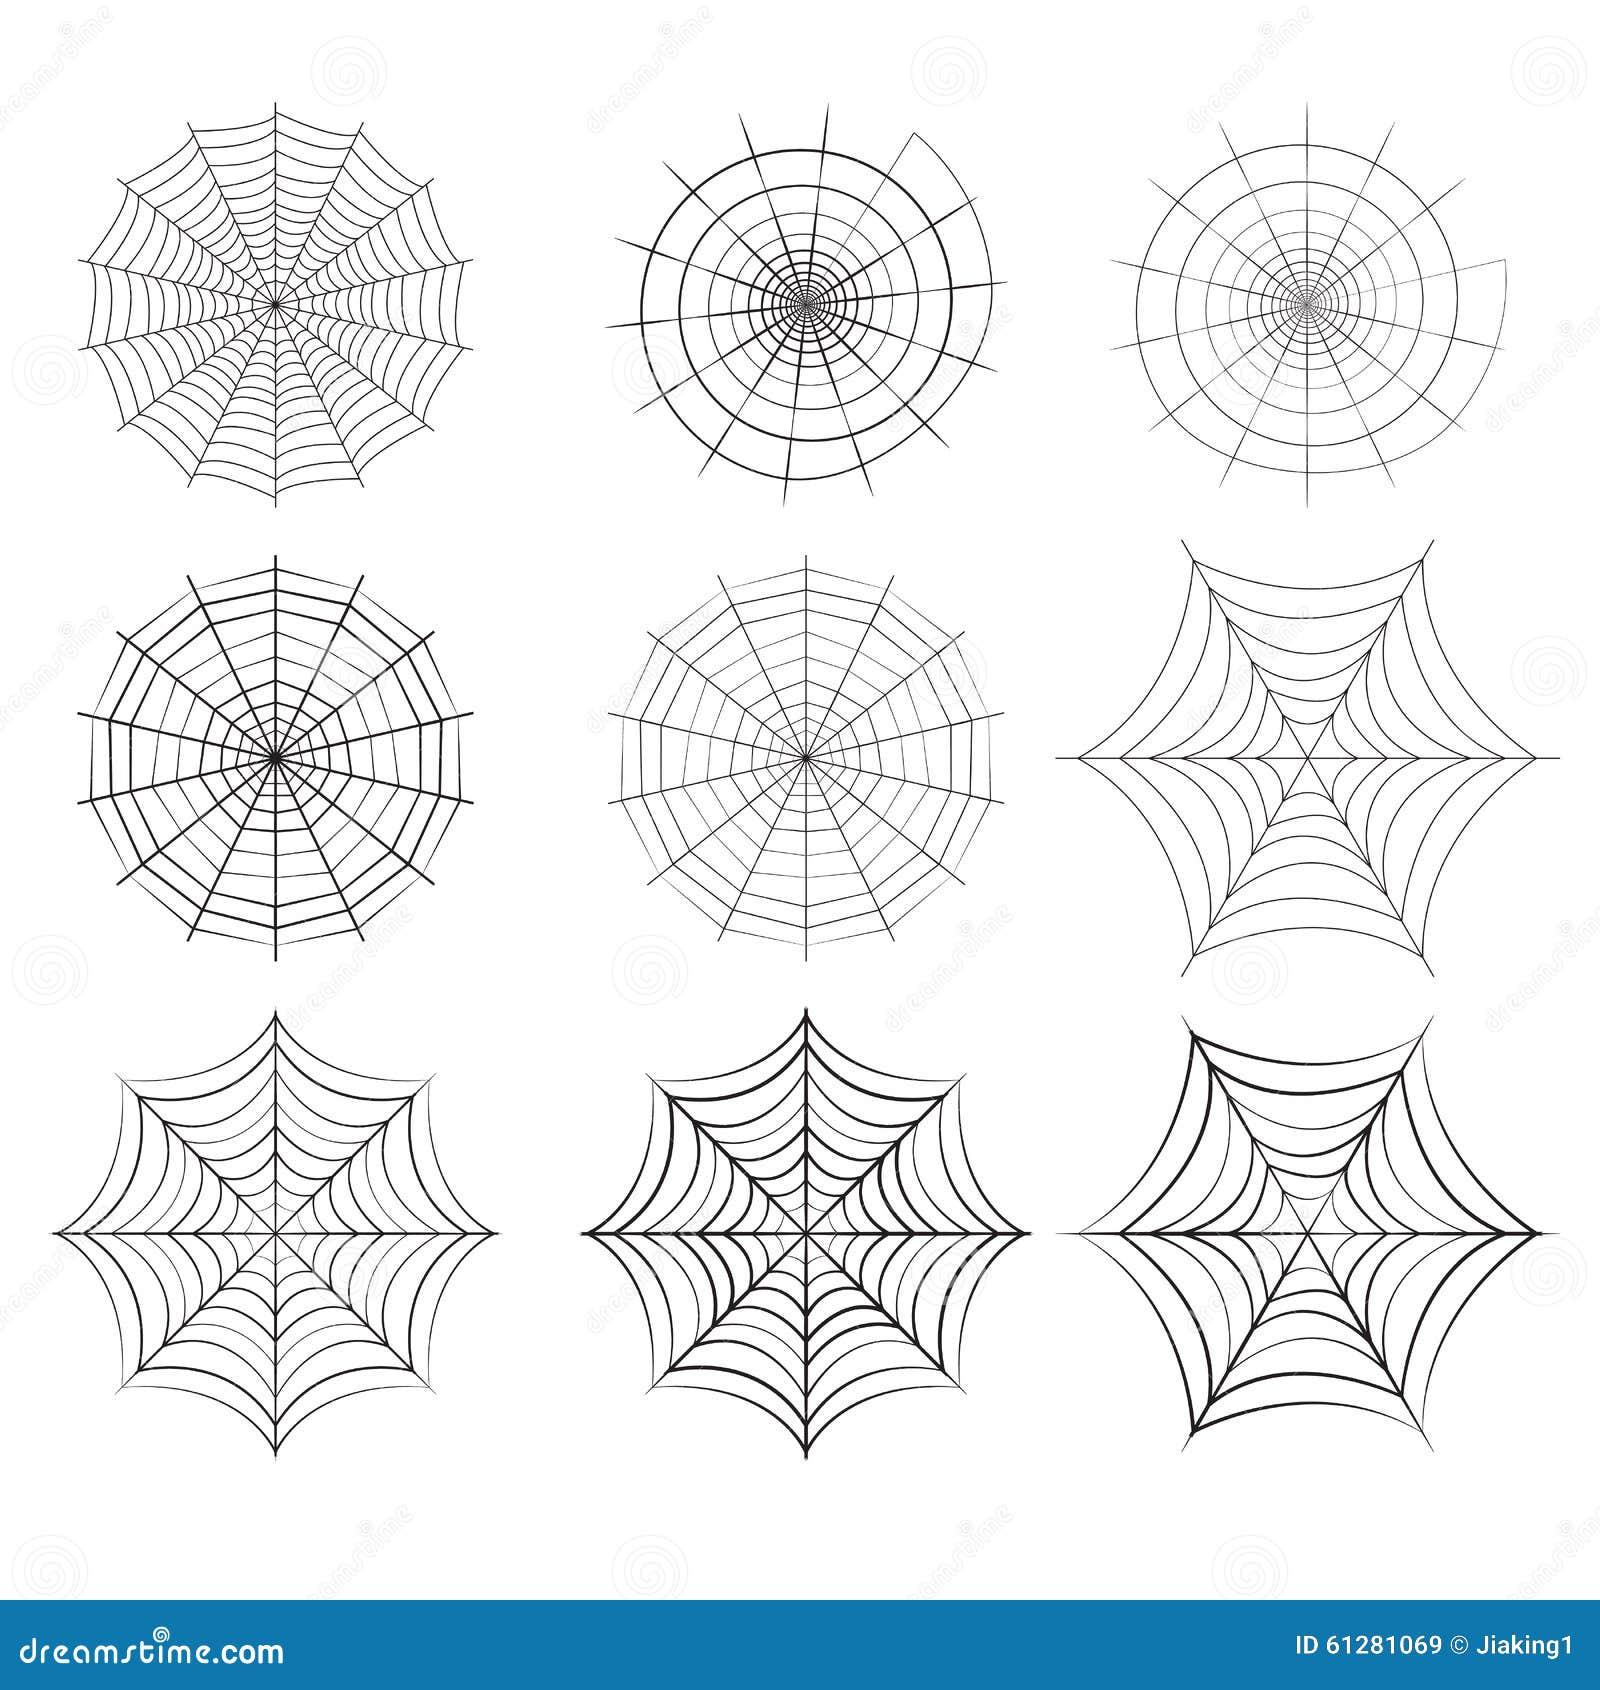 蜘蛛网表情分享展示图片